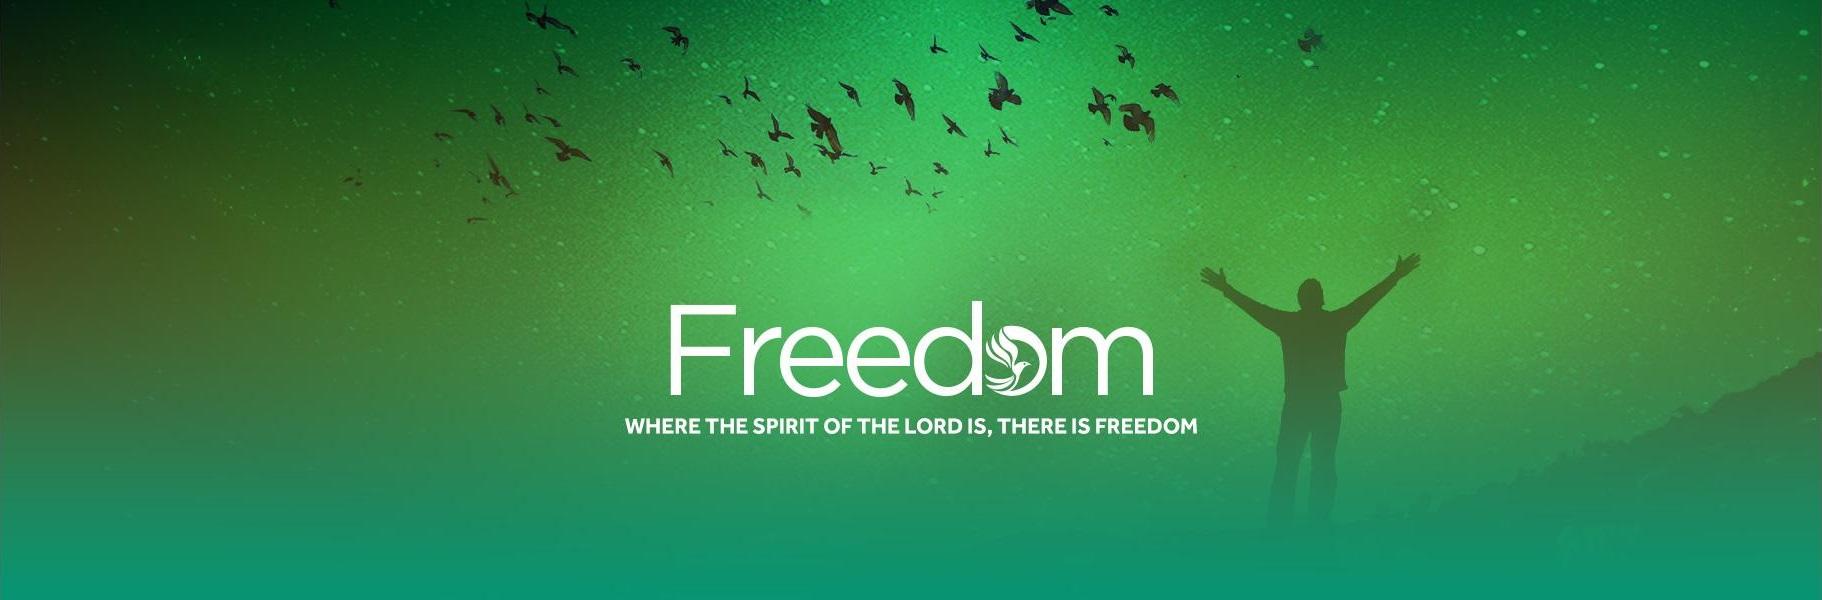 Freedom big 0